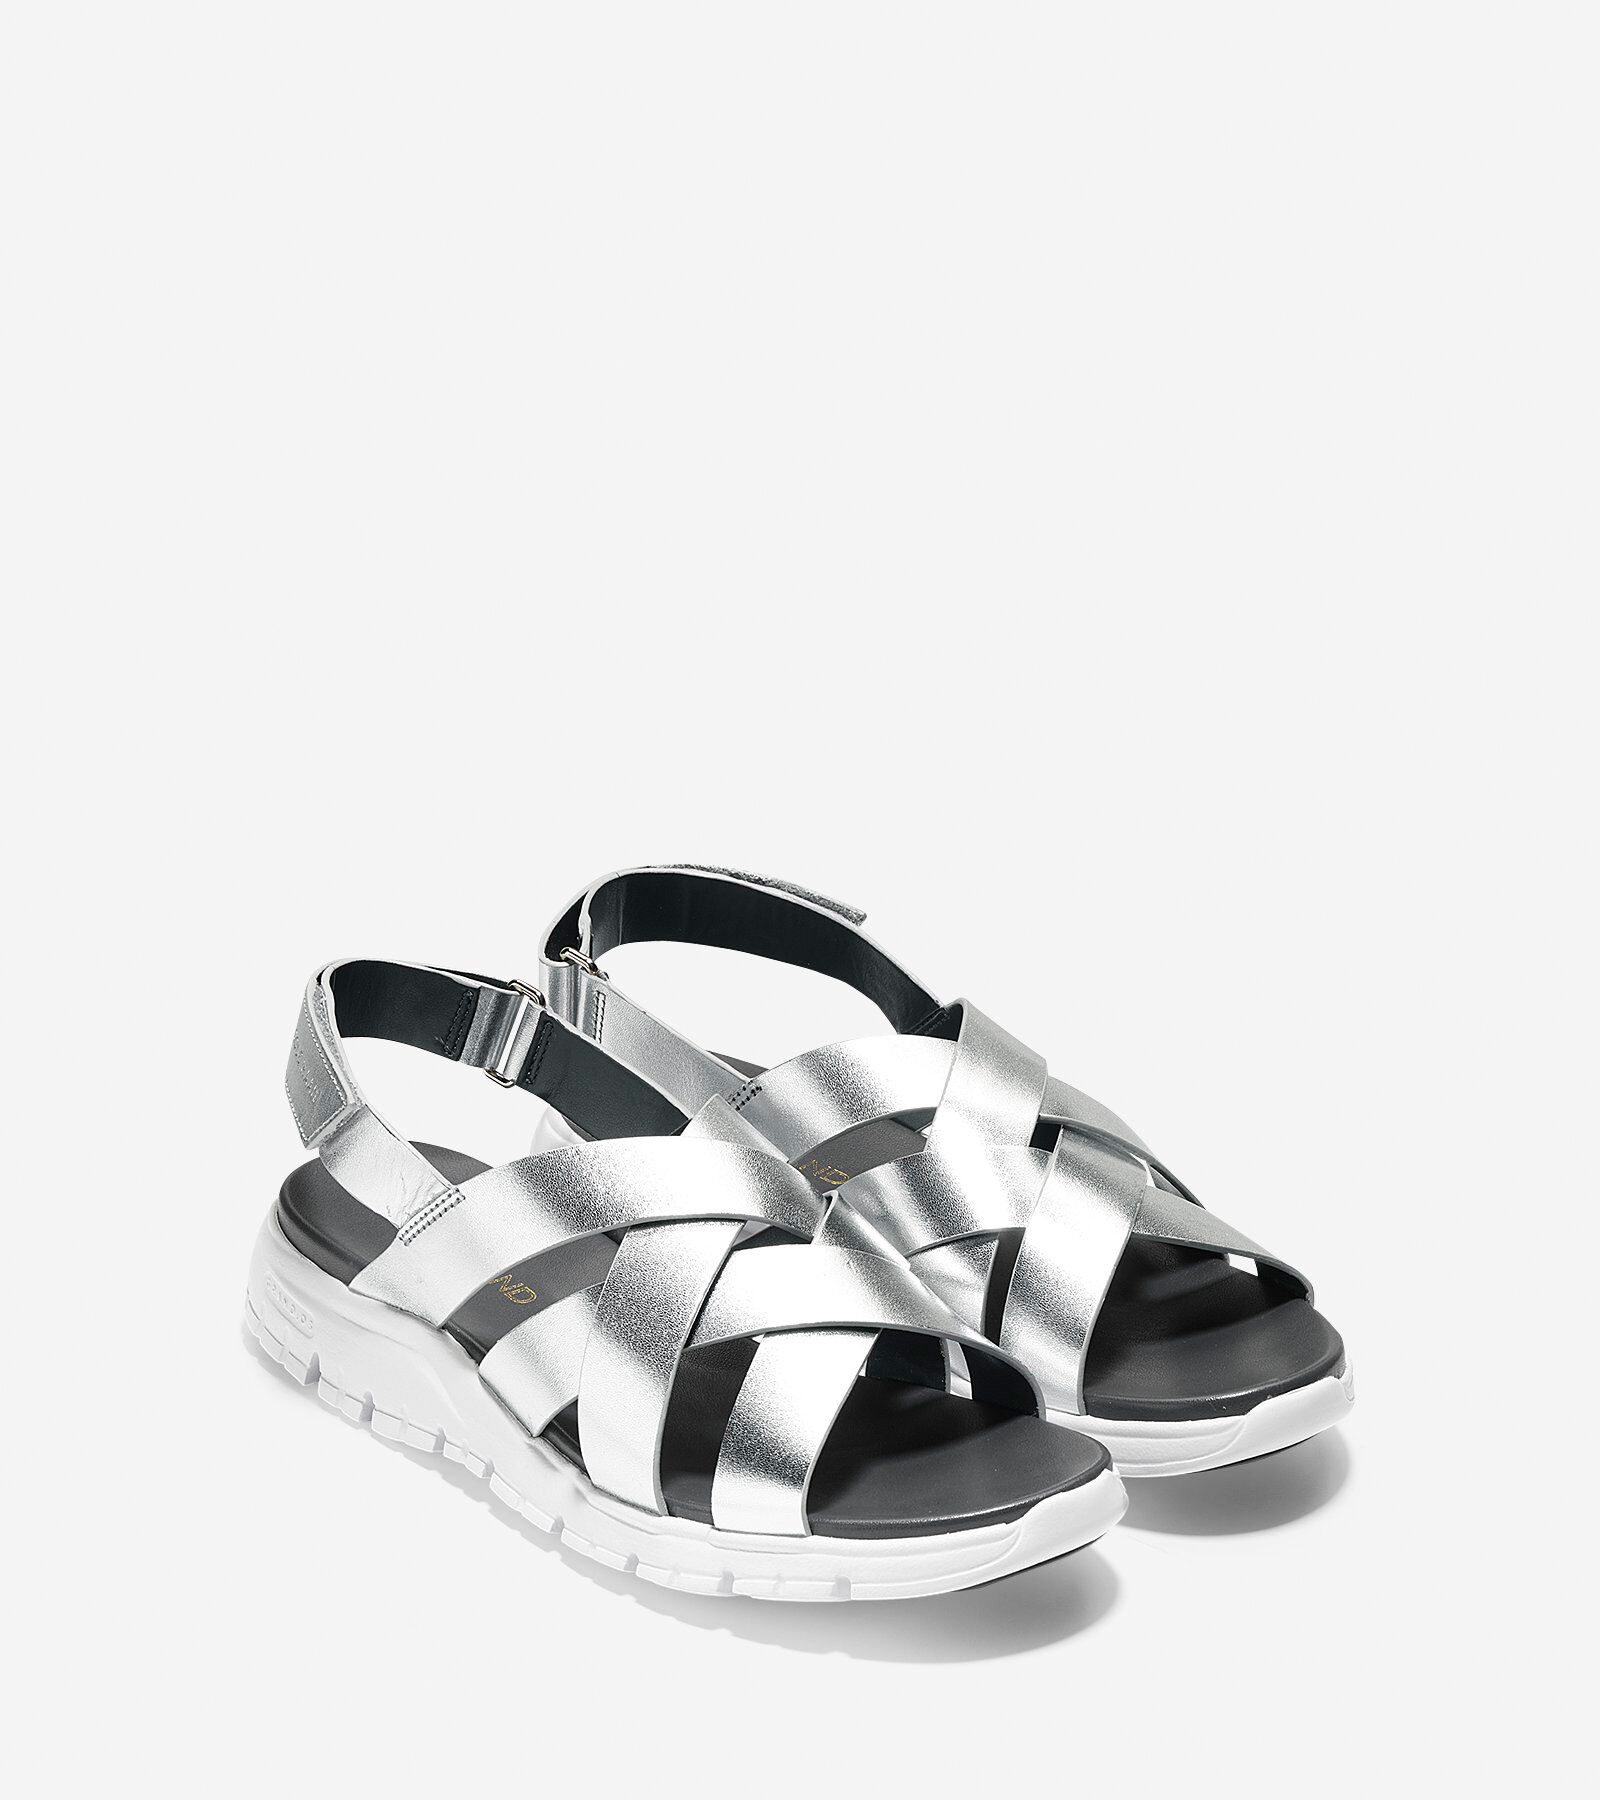 Cole Haan Zerogrand Sandal II sTWdWZ